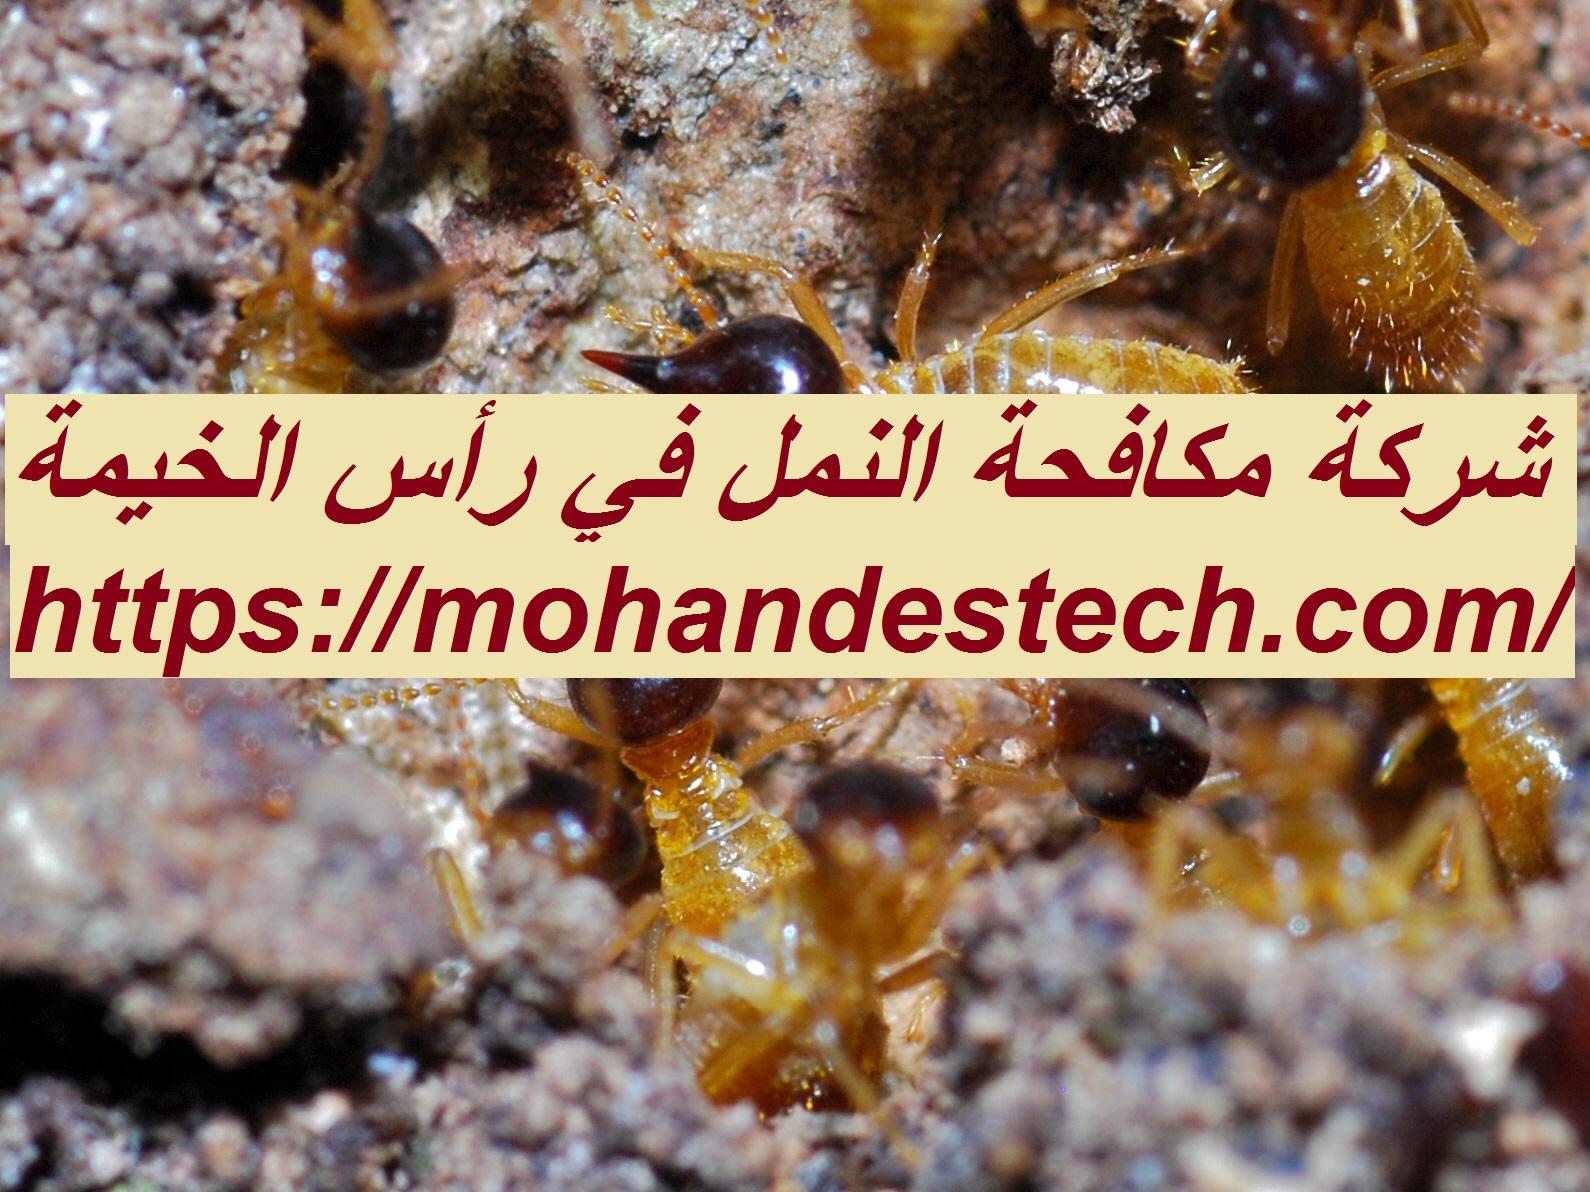 شركة مكافحة النمل في رأس الخيمة